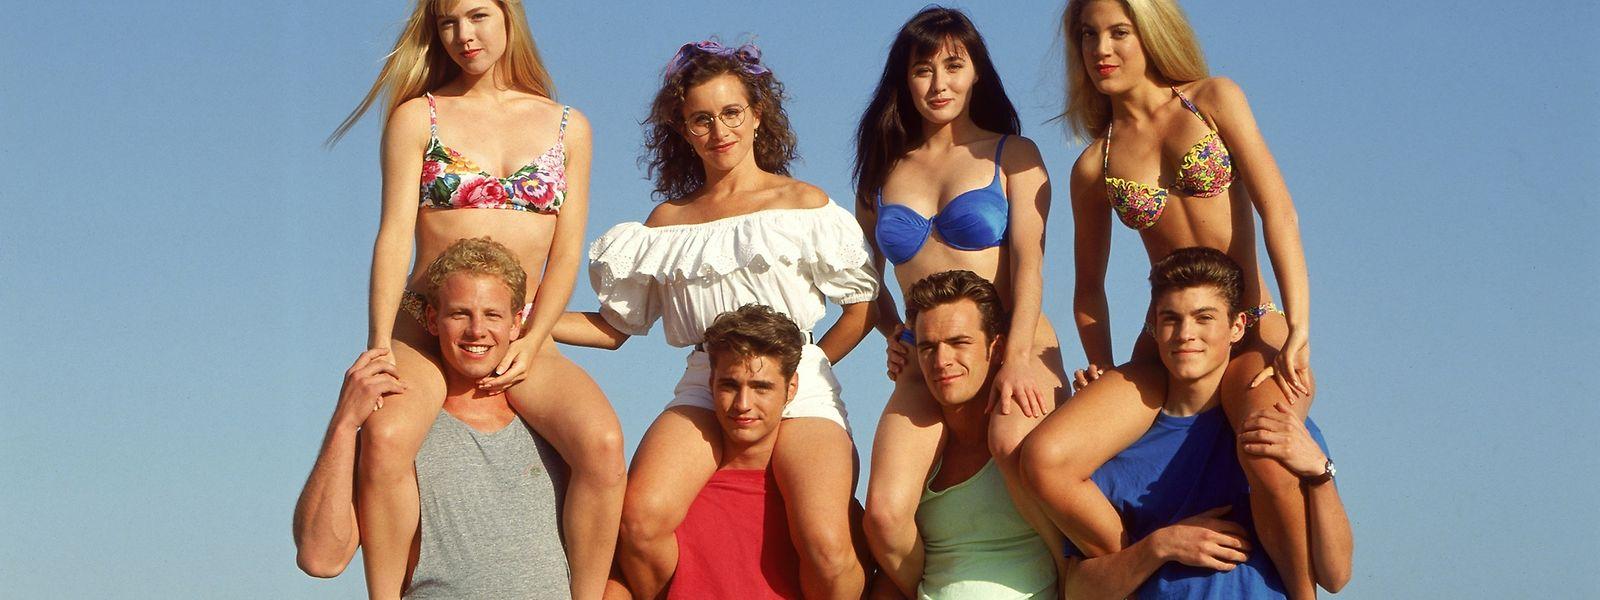 """Die Hauptdarsteller der erfolgreichen 90er-Jahre-Fernsehserie """"Beverly Hills, 90210"""": Ian Ziering, Jason Priestley, Luke Perry, Brian Austin Green (unten, v.l.). Von links, oben: Jennie Garth, Gabrielle Carteris, Shannen Doherty, Tori Spelling."""